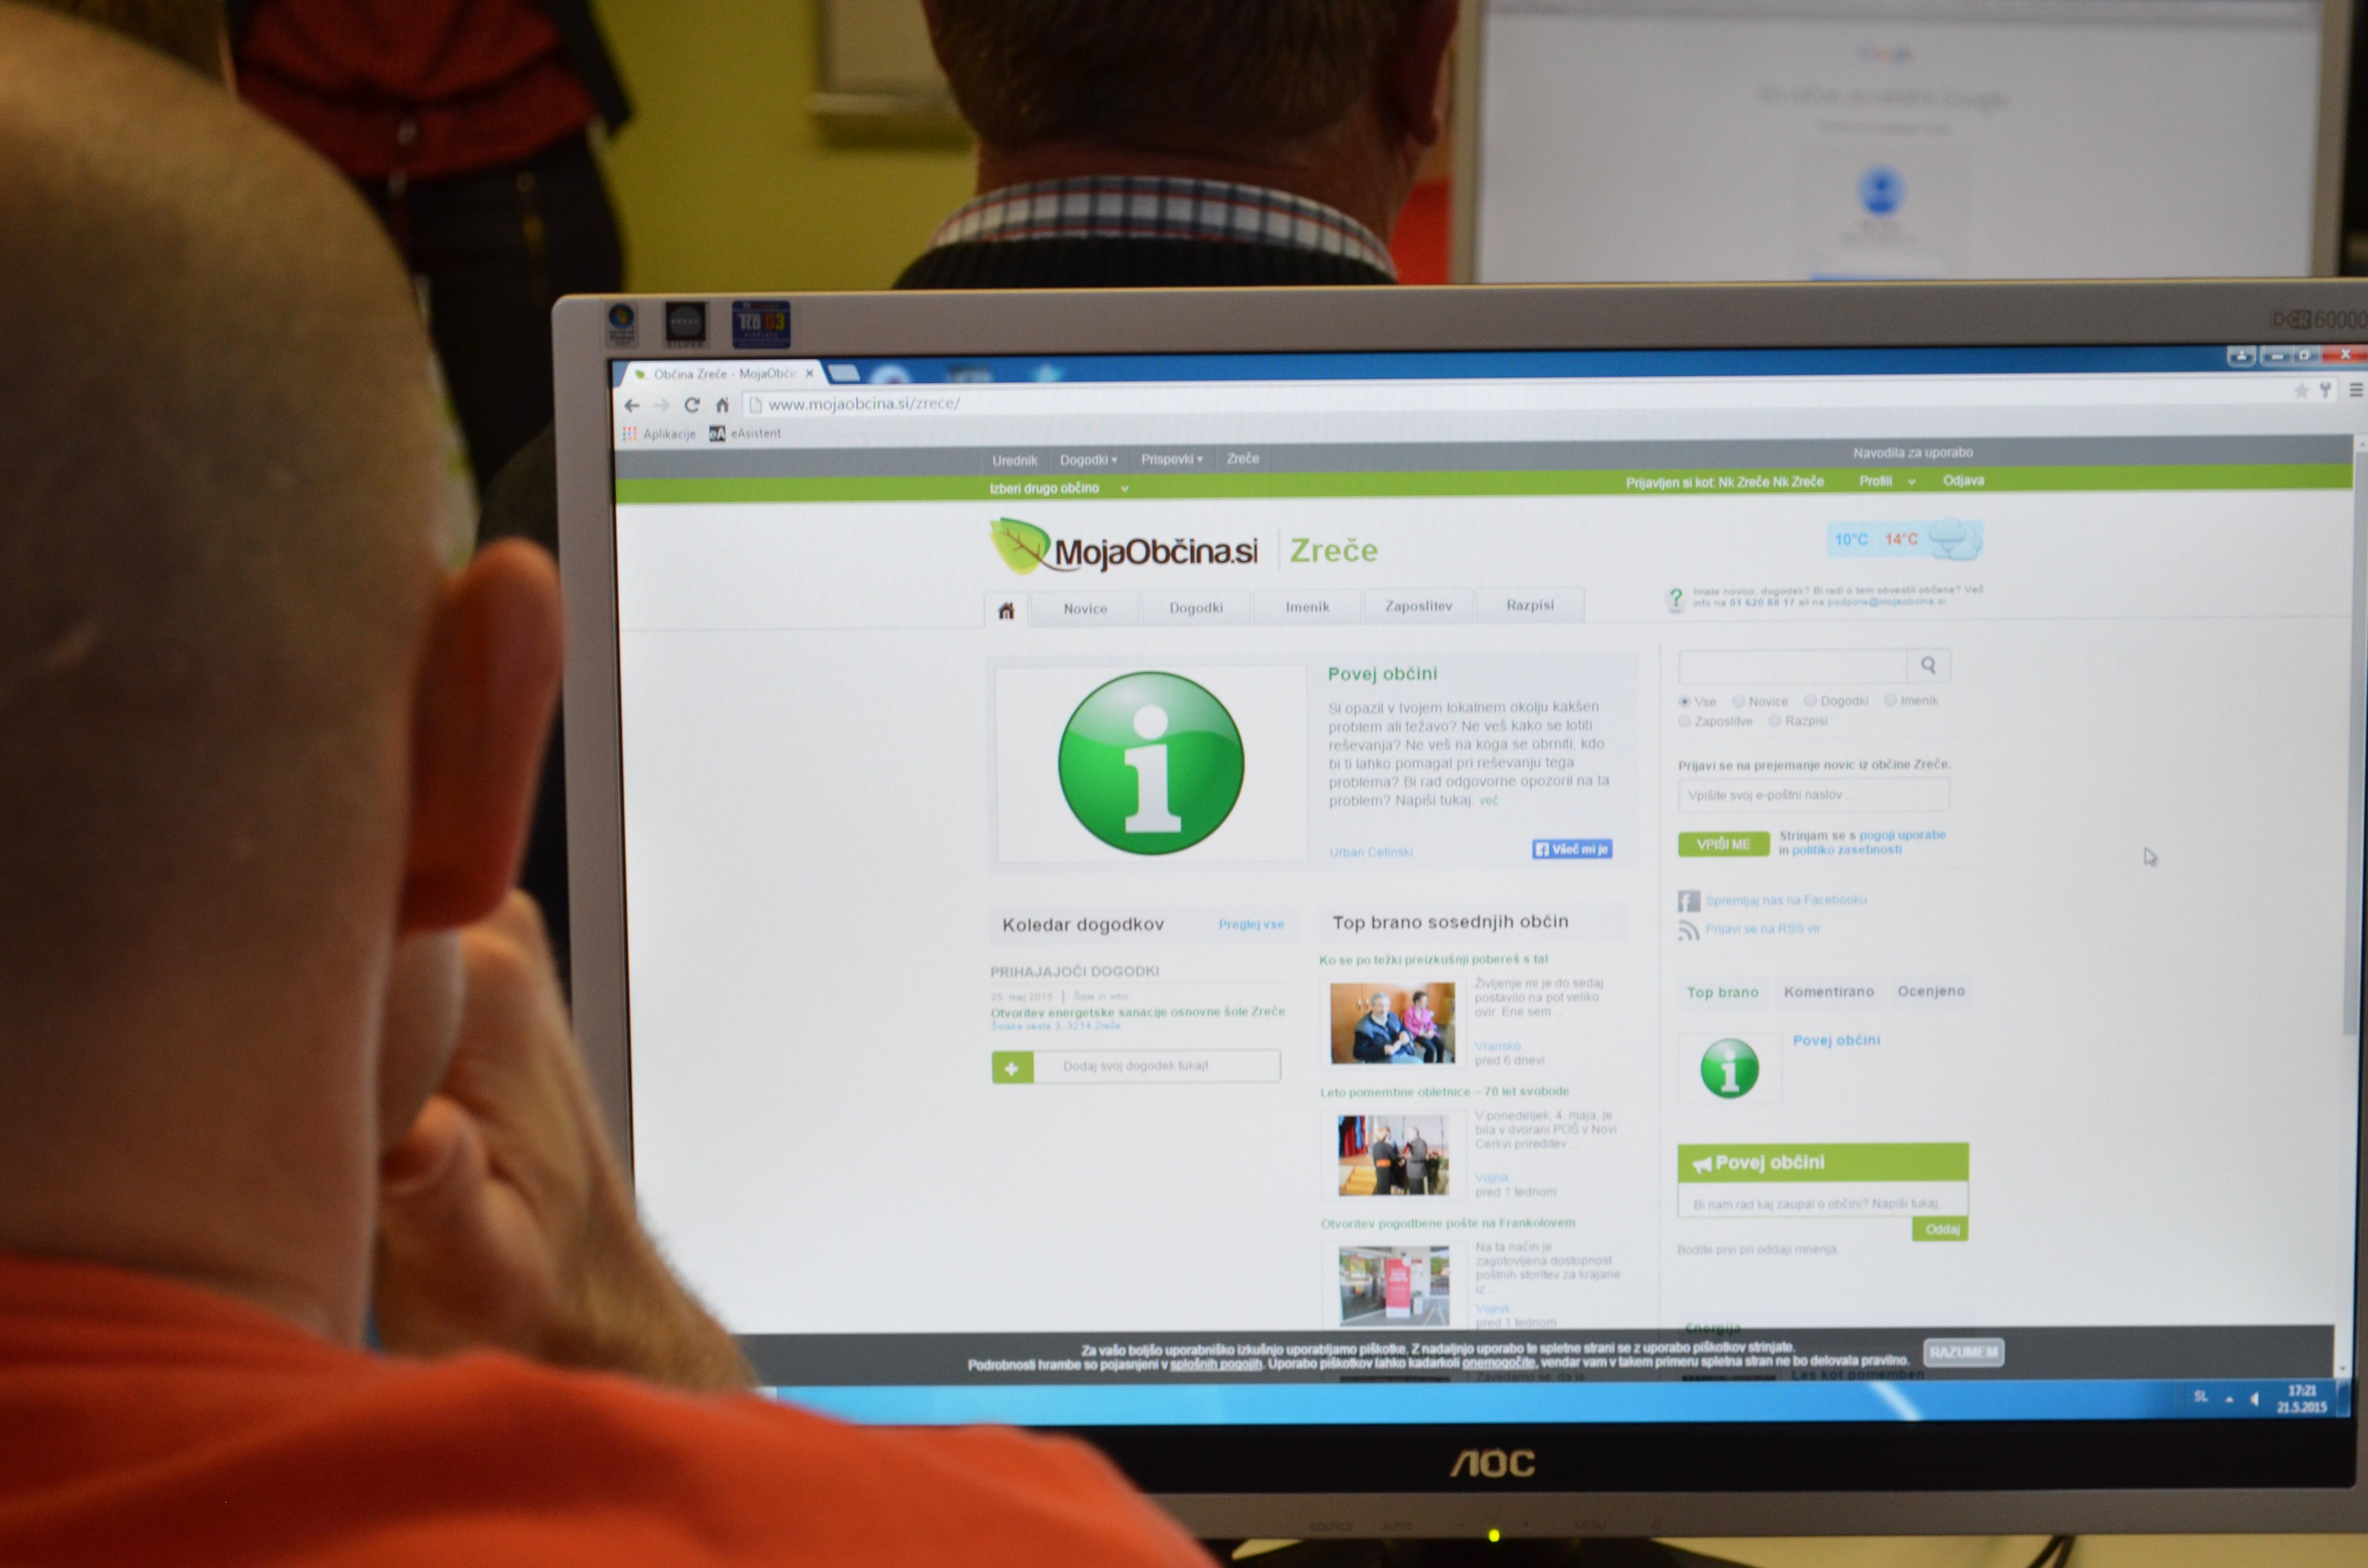 Delavnica glede uporabe portala Mojaobcina.si za društva - Zreče.